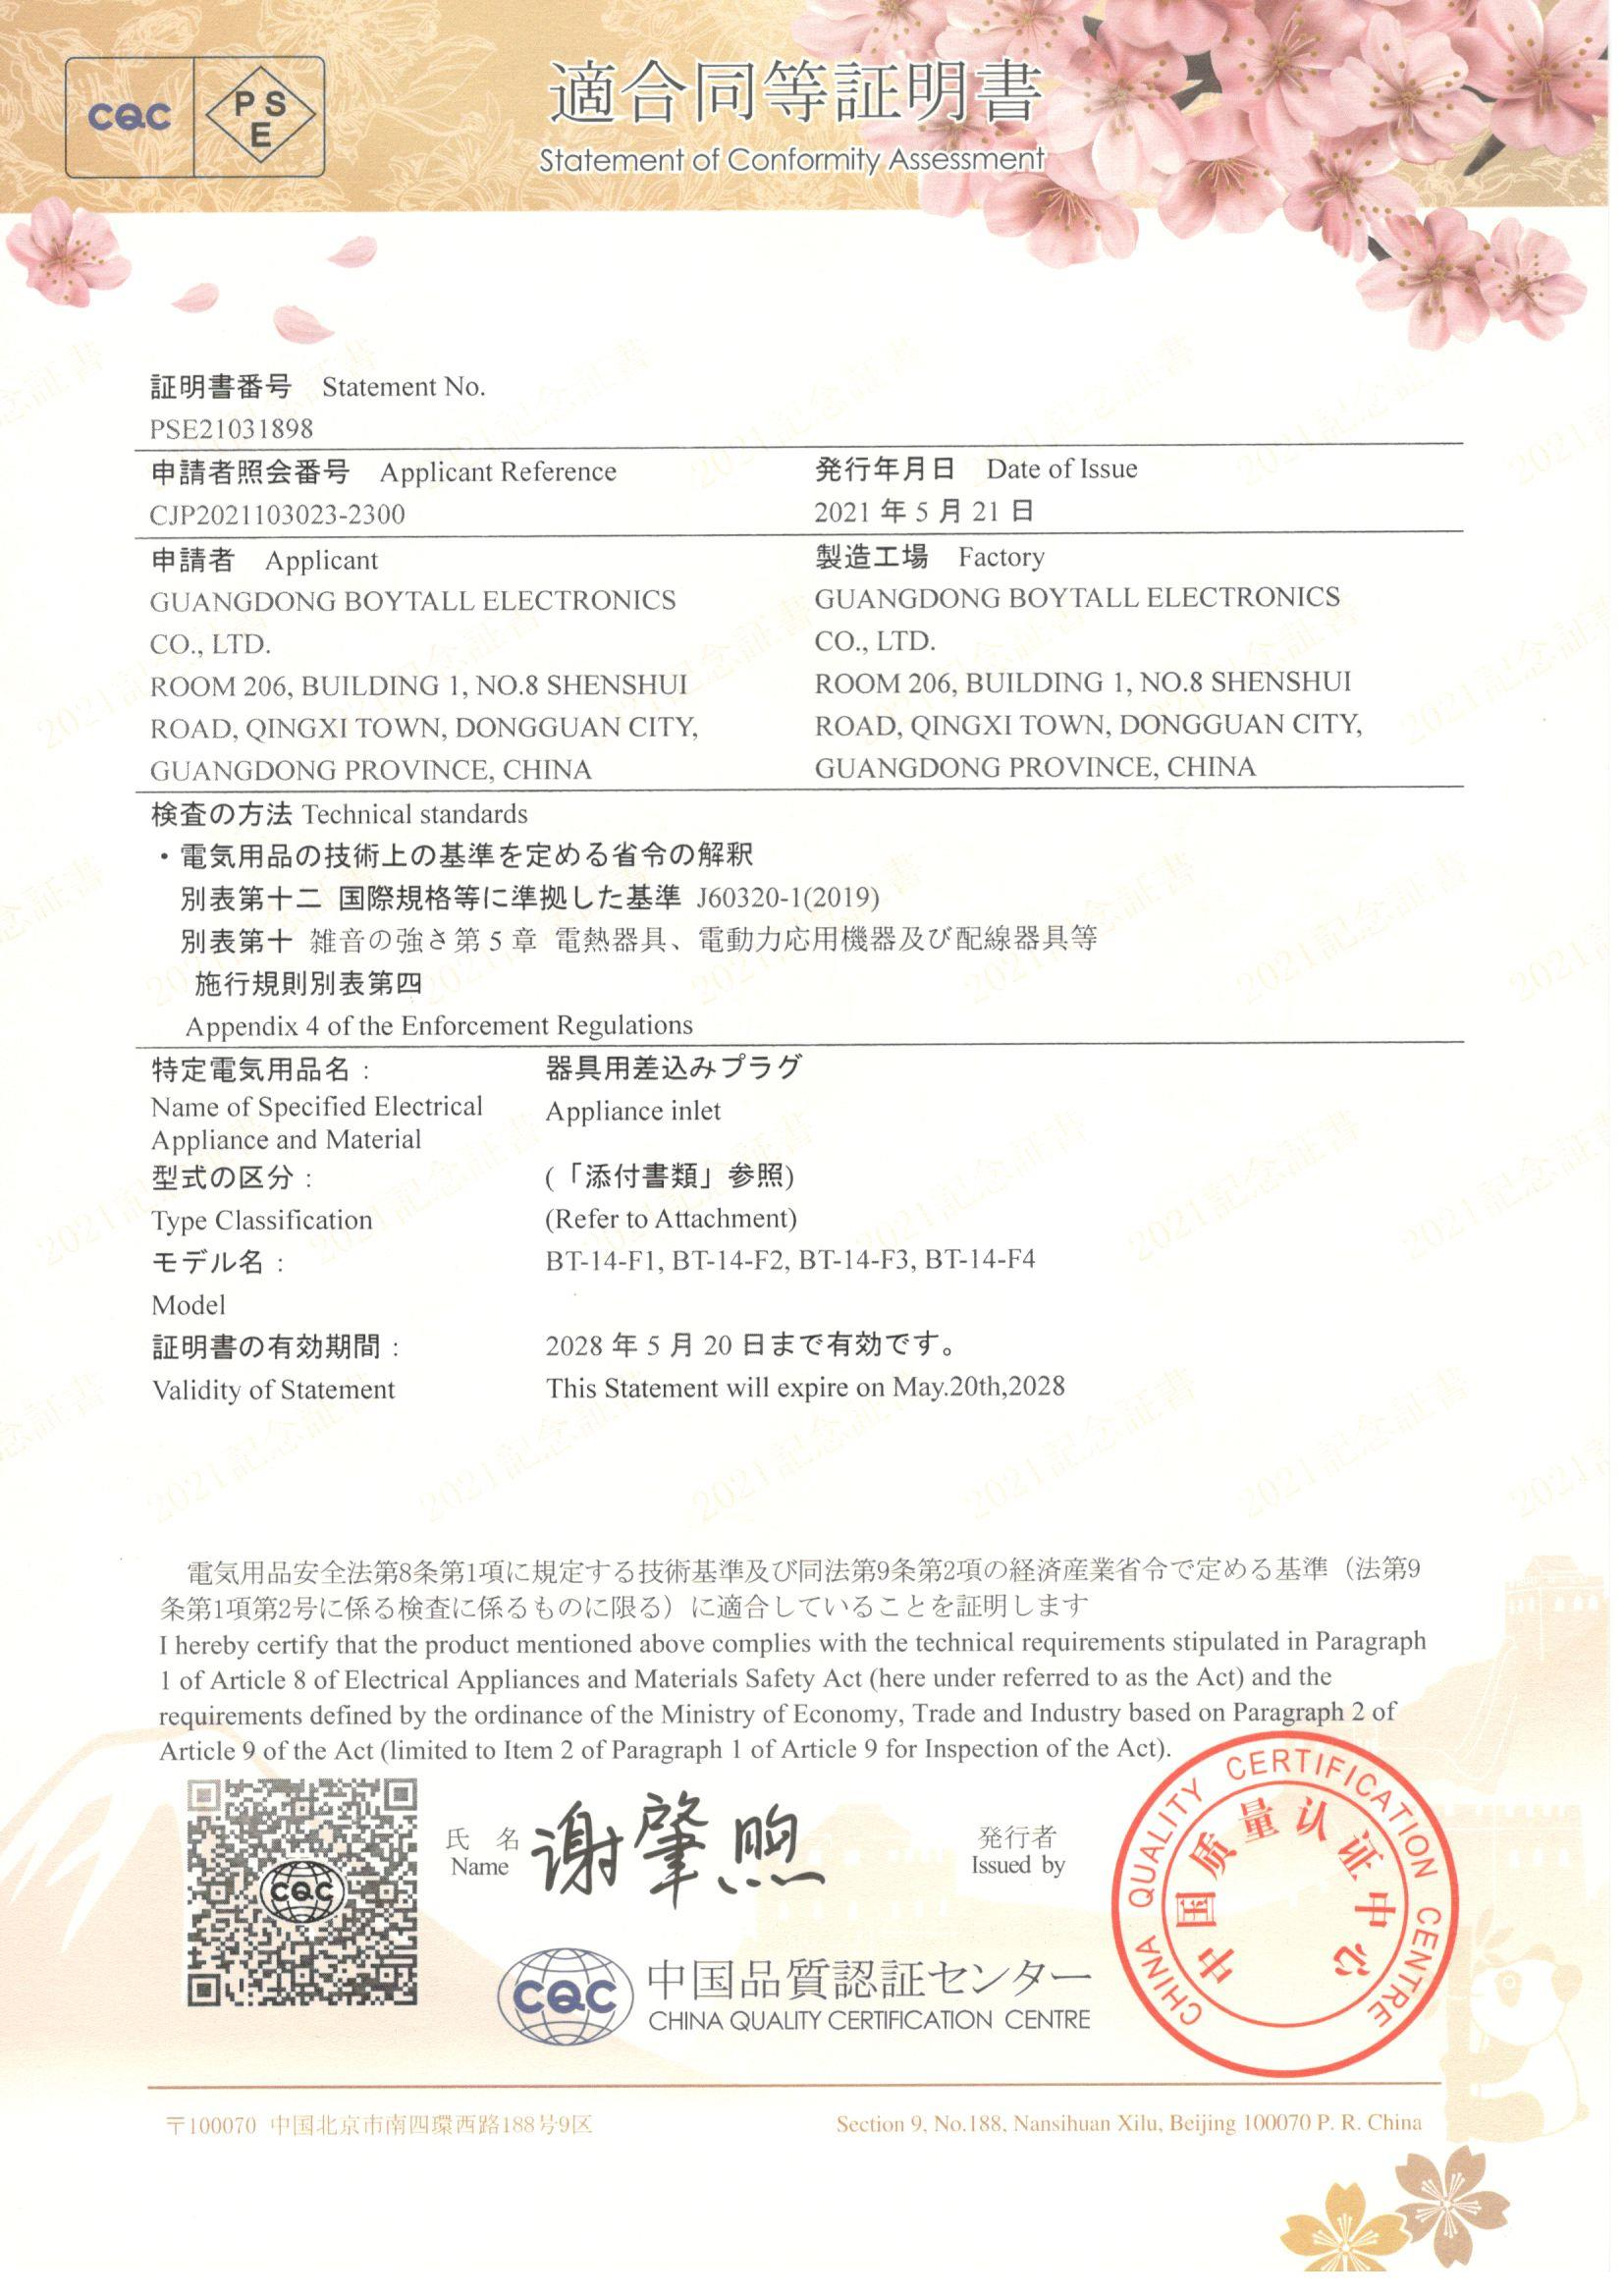 BT-14-F系列 CQC-PSE 证书